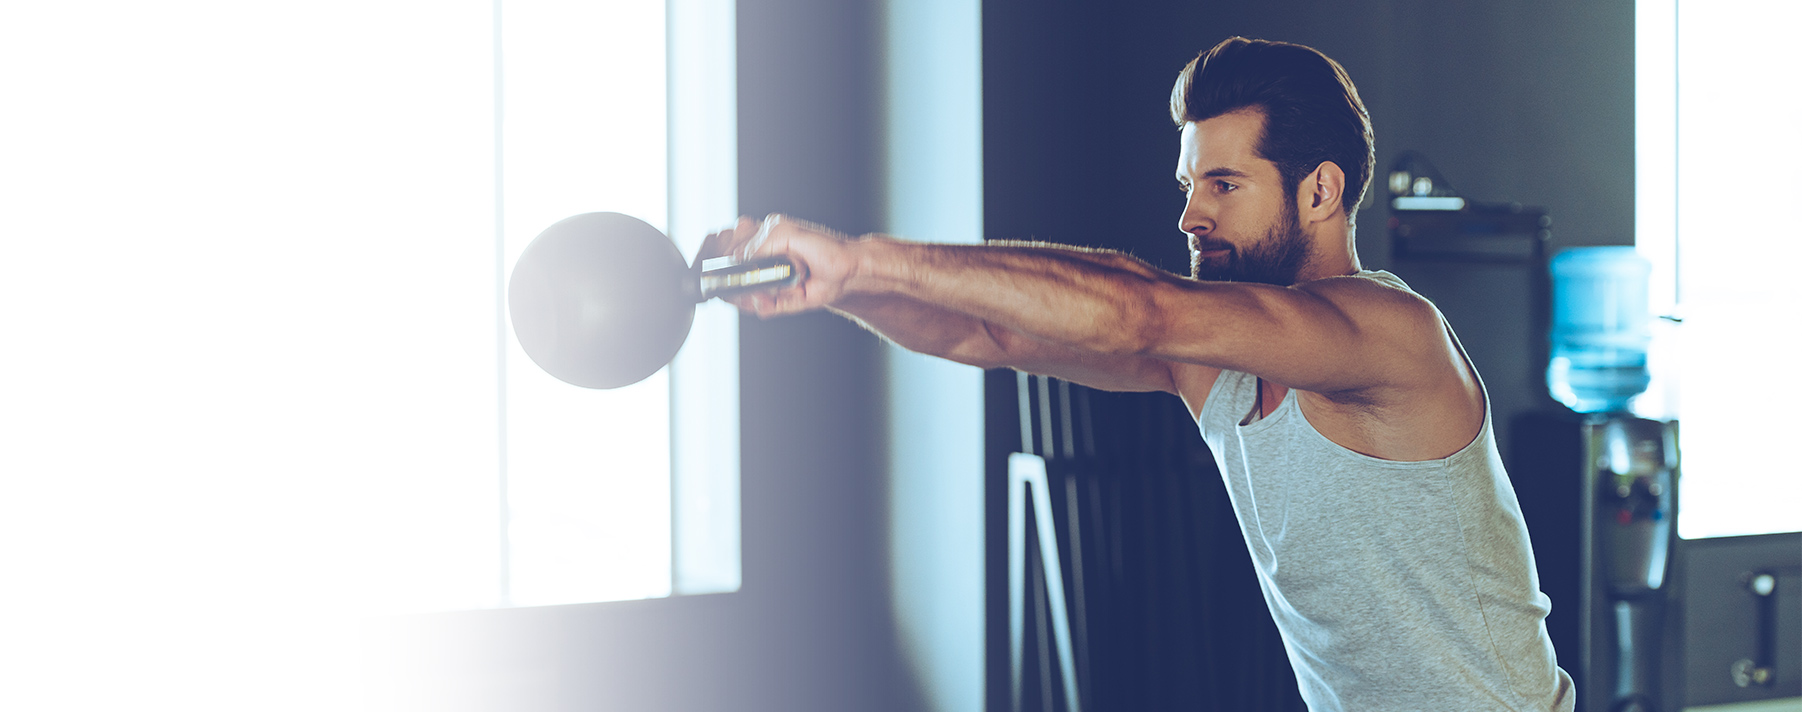 Para los líderes empresariales la actividad física es una herramienta clave para alcanzar el éxito en el mundo corporativo.